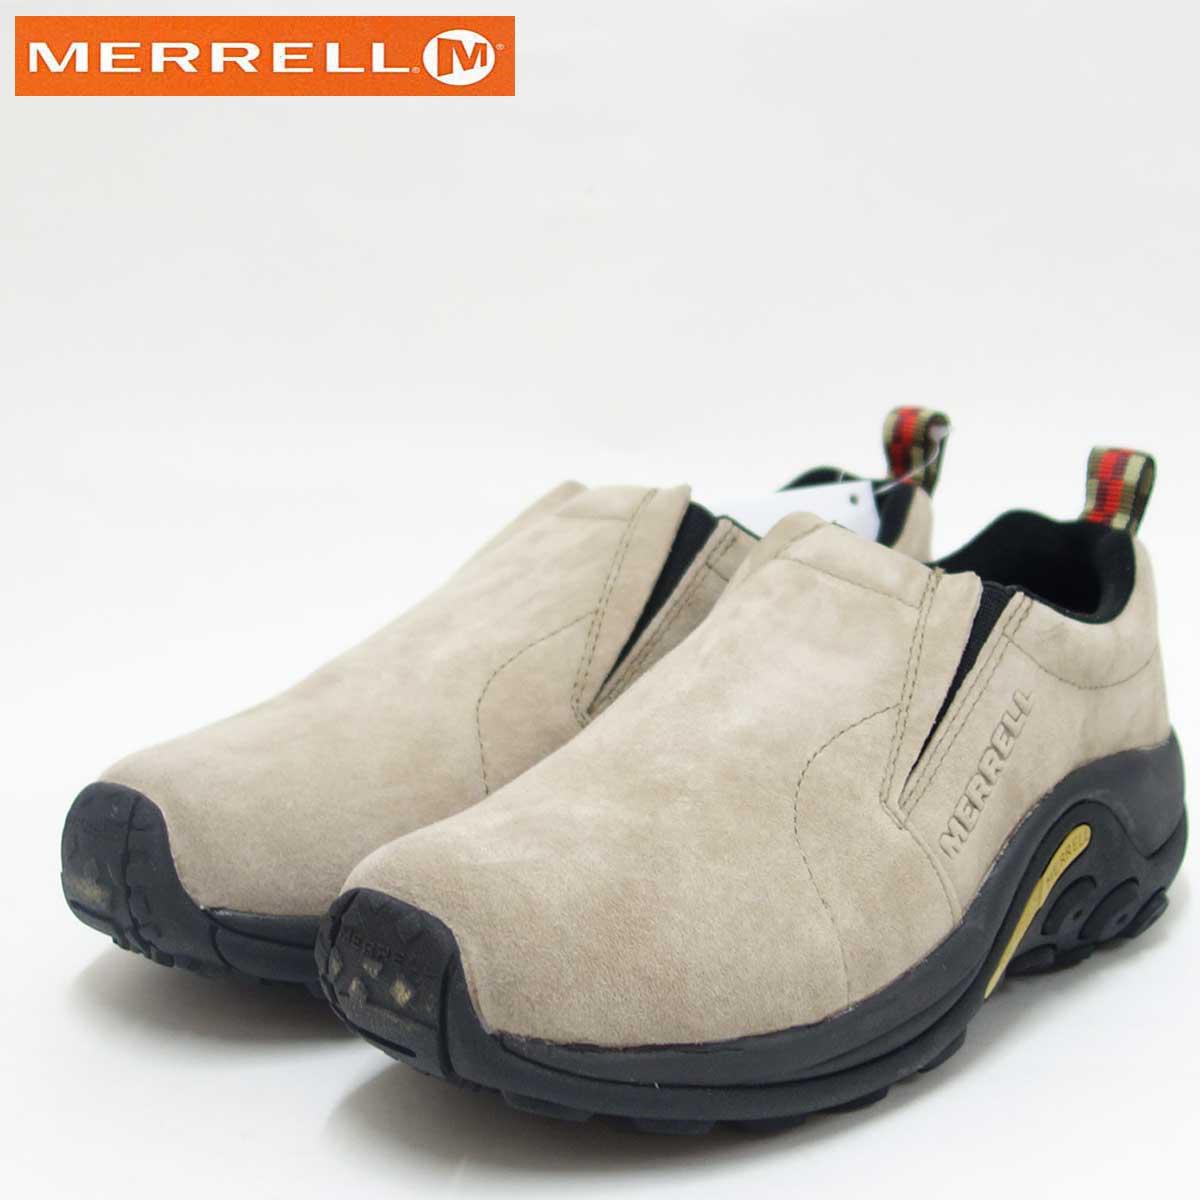 MERRELL メレル ジャングルモックJungle moc 60802 Taupe(レディース)エアークッションで快適ウォーク「靴」